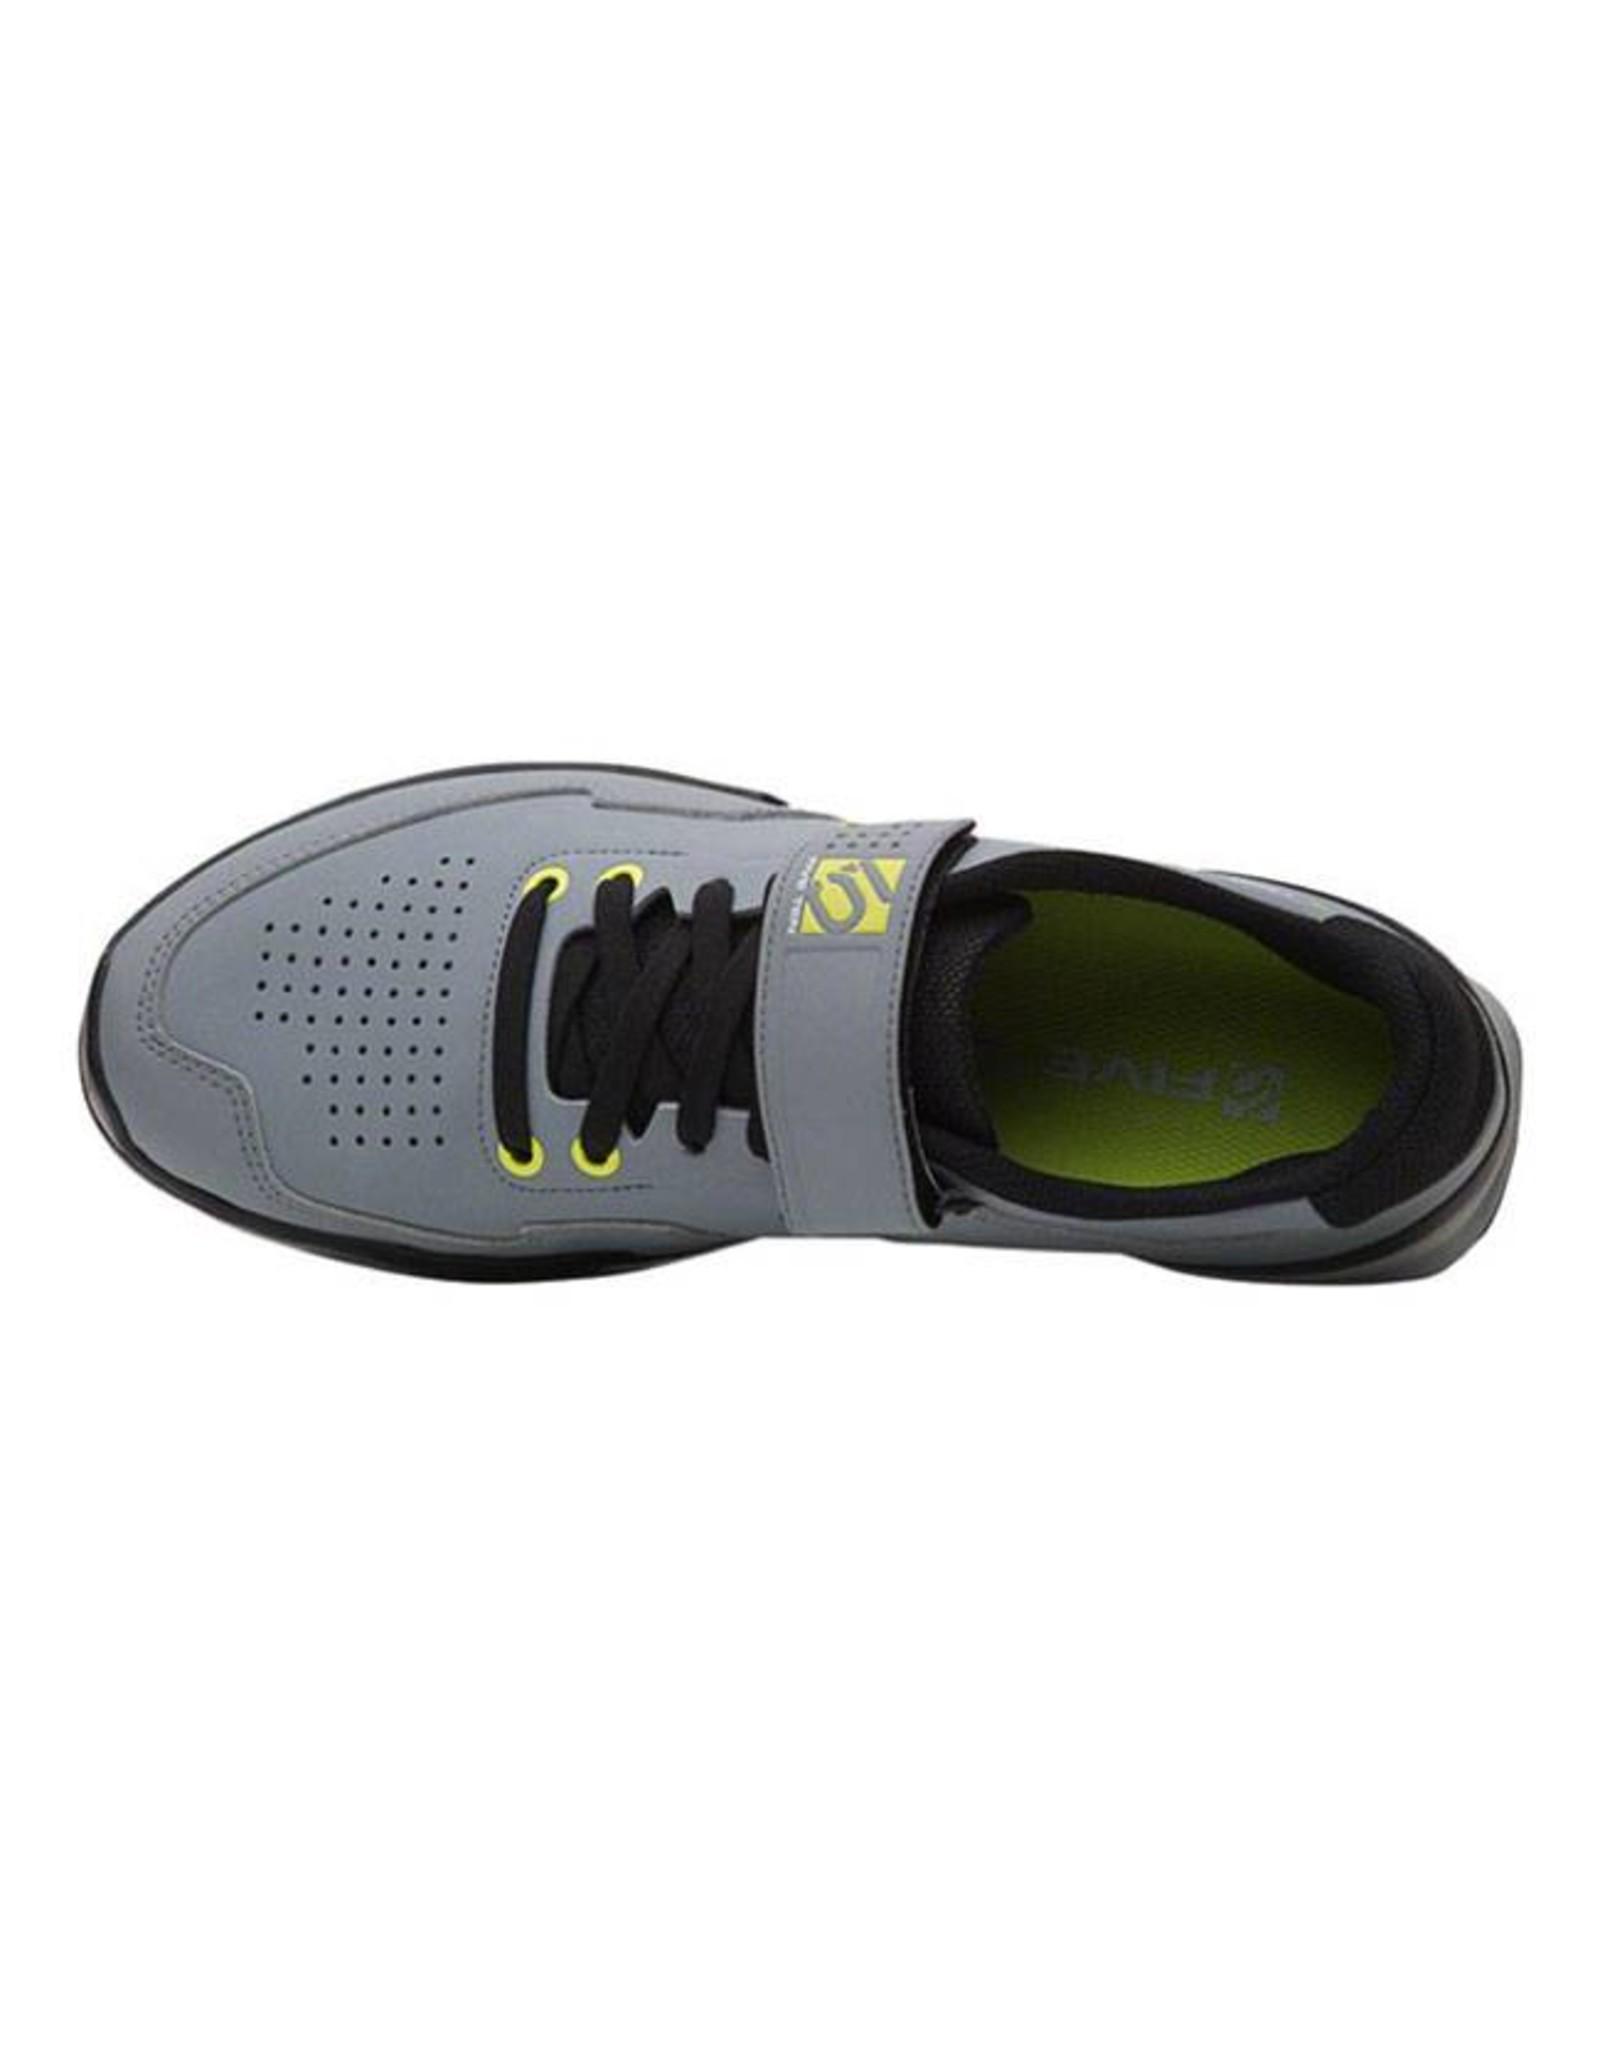 Five Ten Five Ten Kestrel Lace Men's Clipless Shoe: Onix/Yellow 8